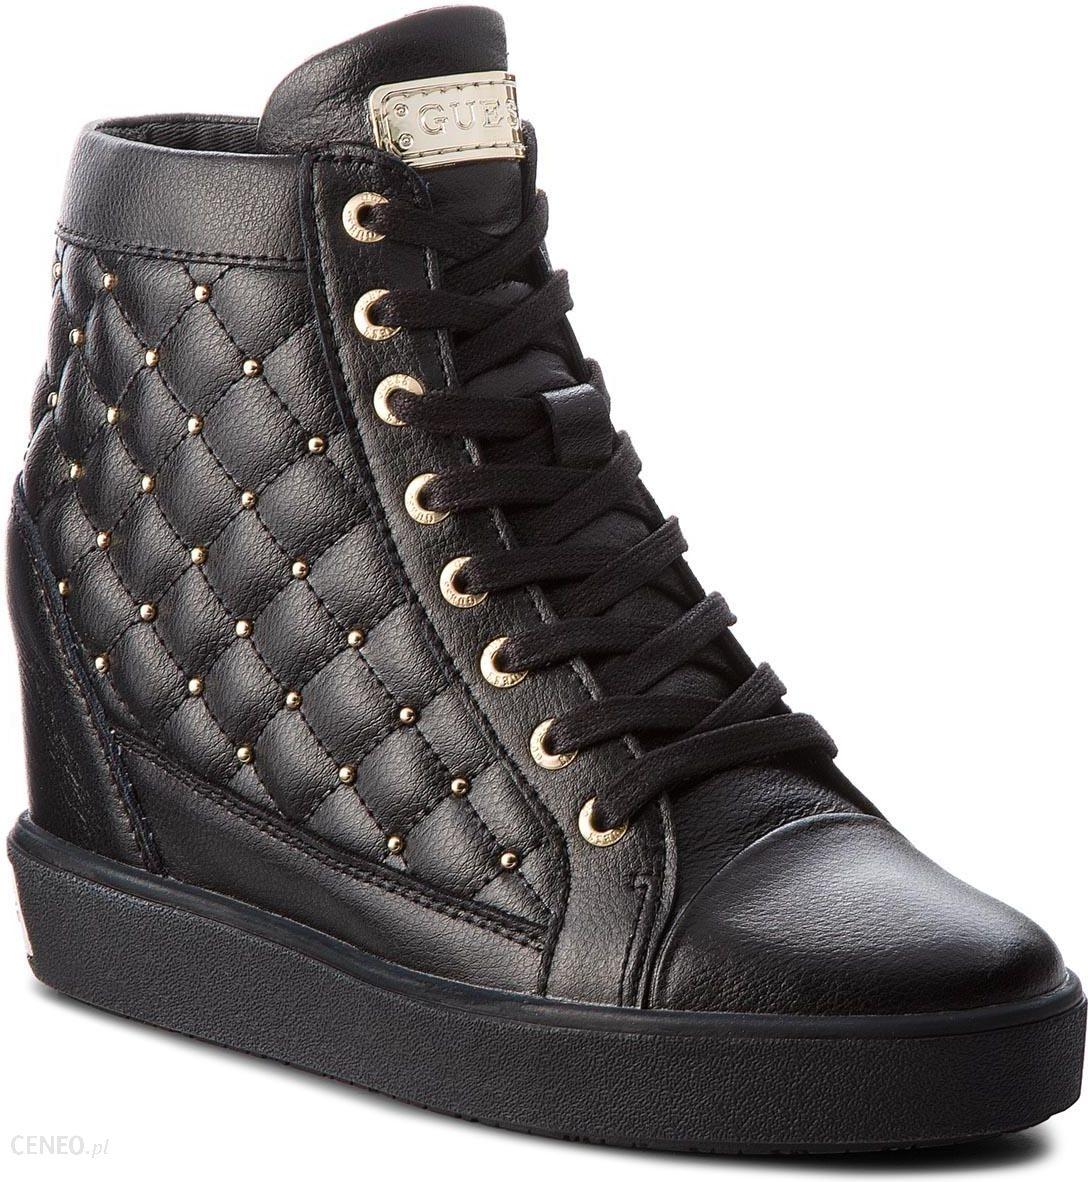 Sneakers GUESS FLFRR3 LEA12 BLACK